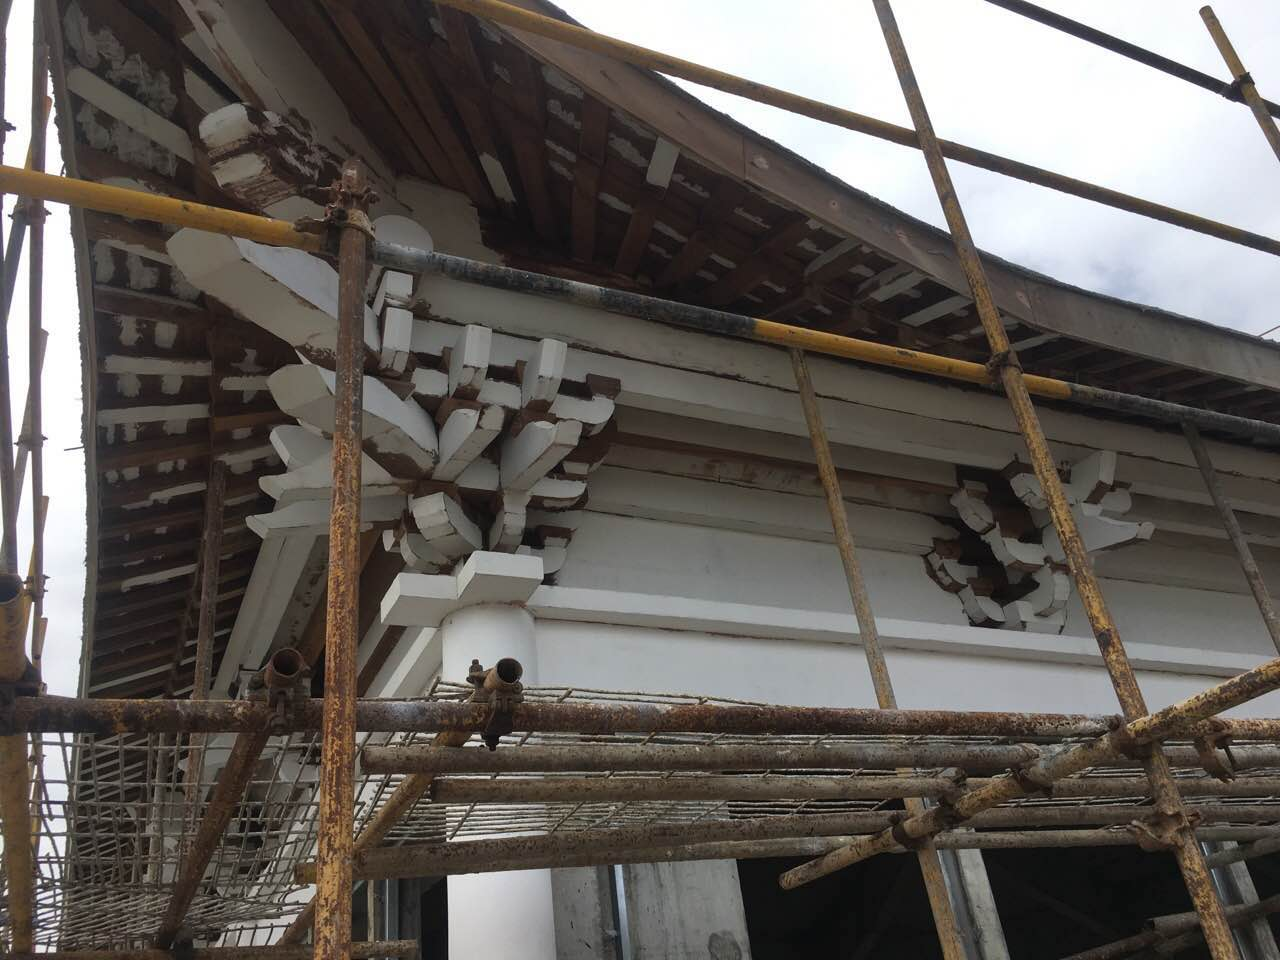 木建筑裂了要刮灰用汉林水性腻子可以吗?